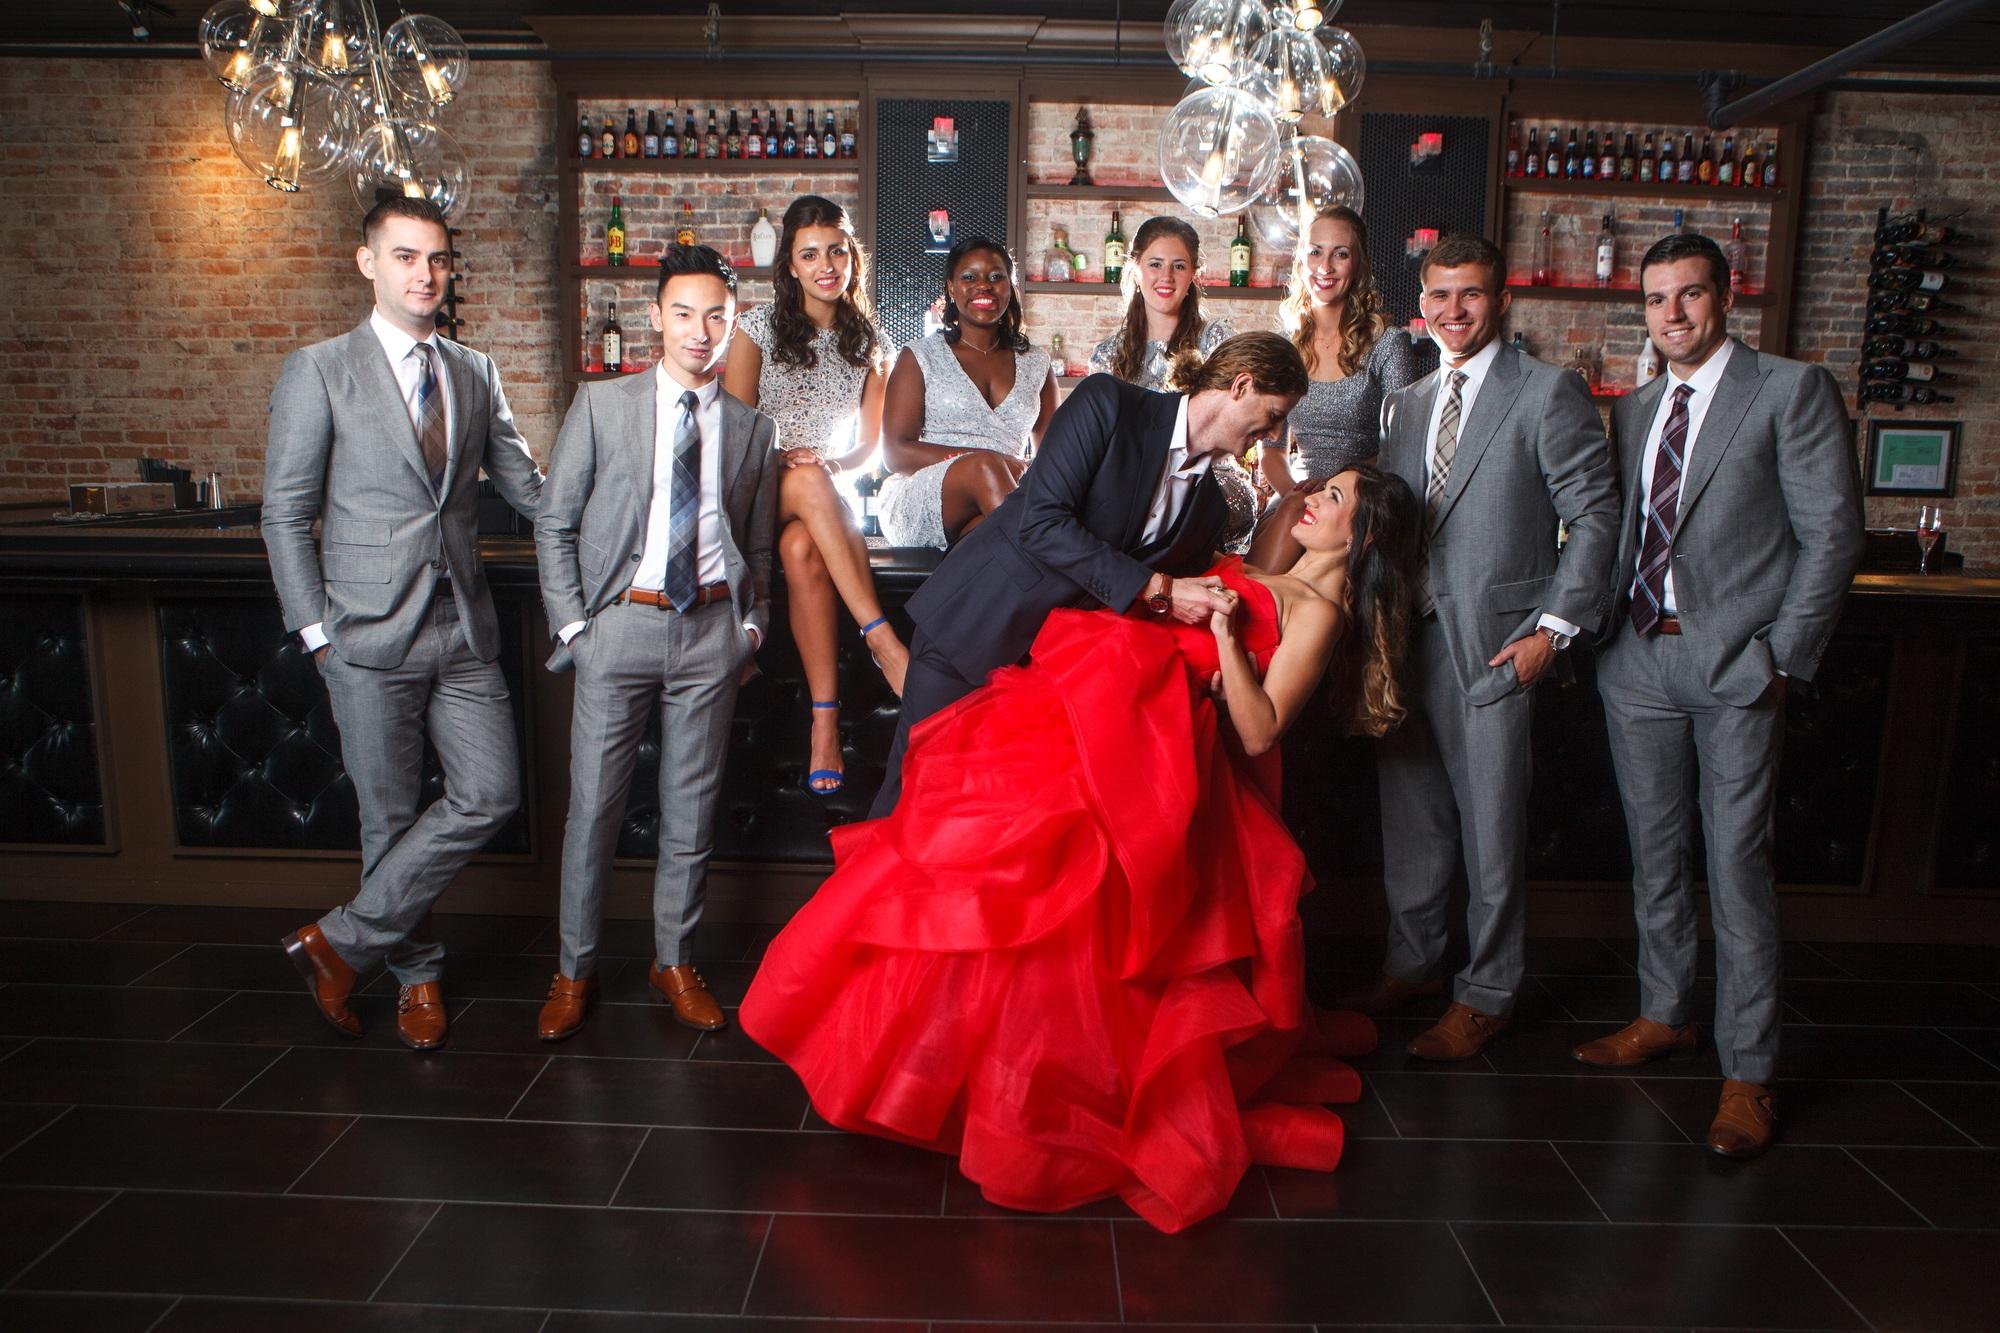 wedding-7712-2.jpg